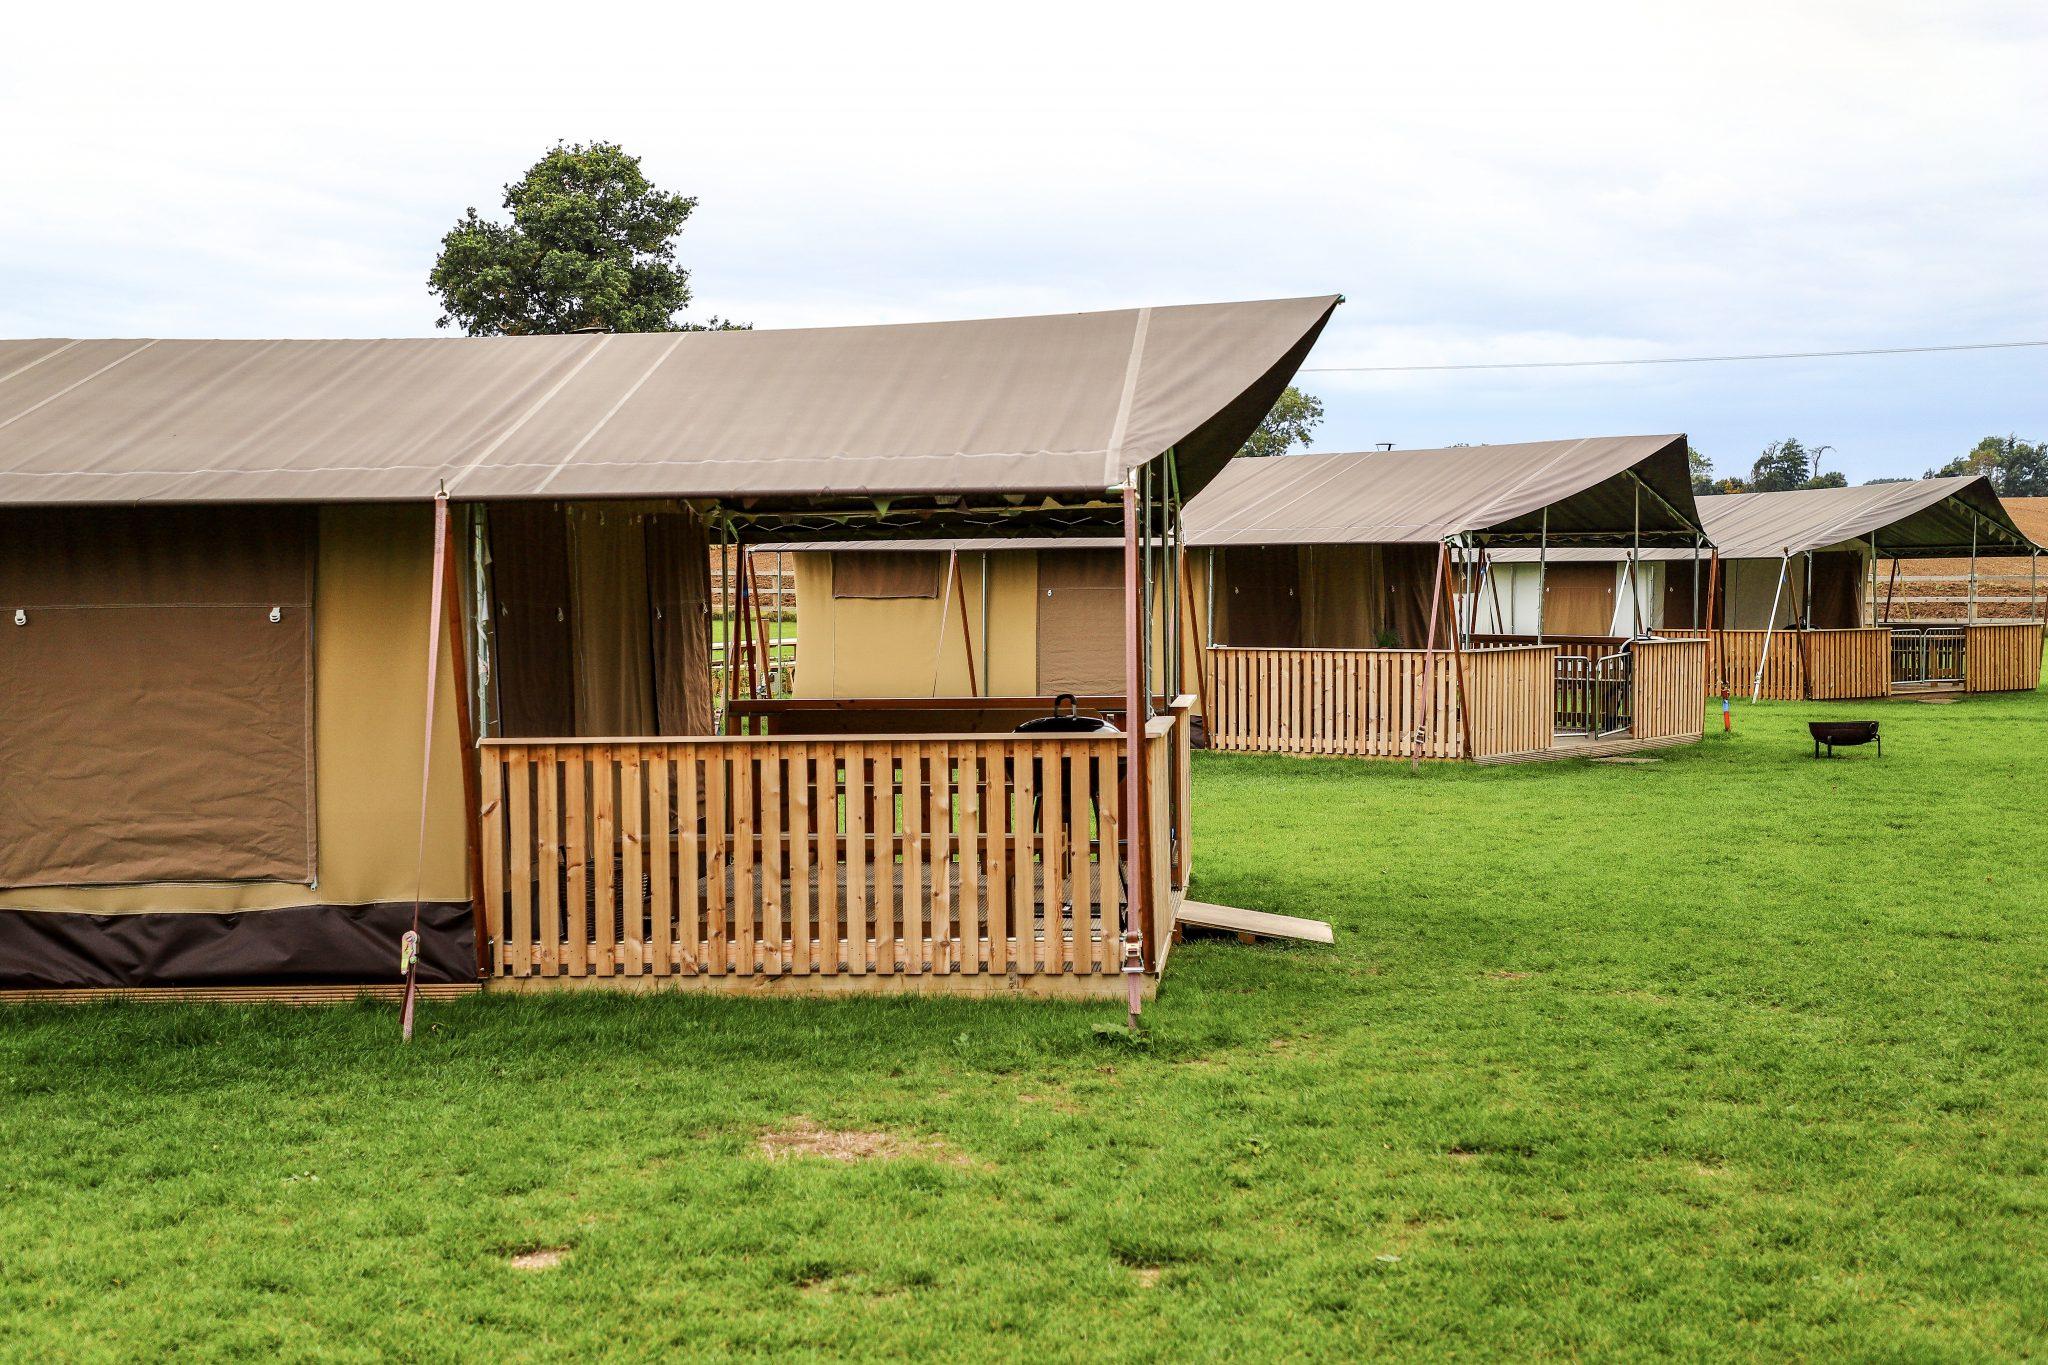 Safari Tents at Kingfisher Lakes Glamping Site